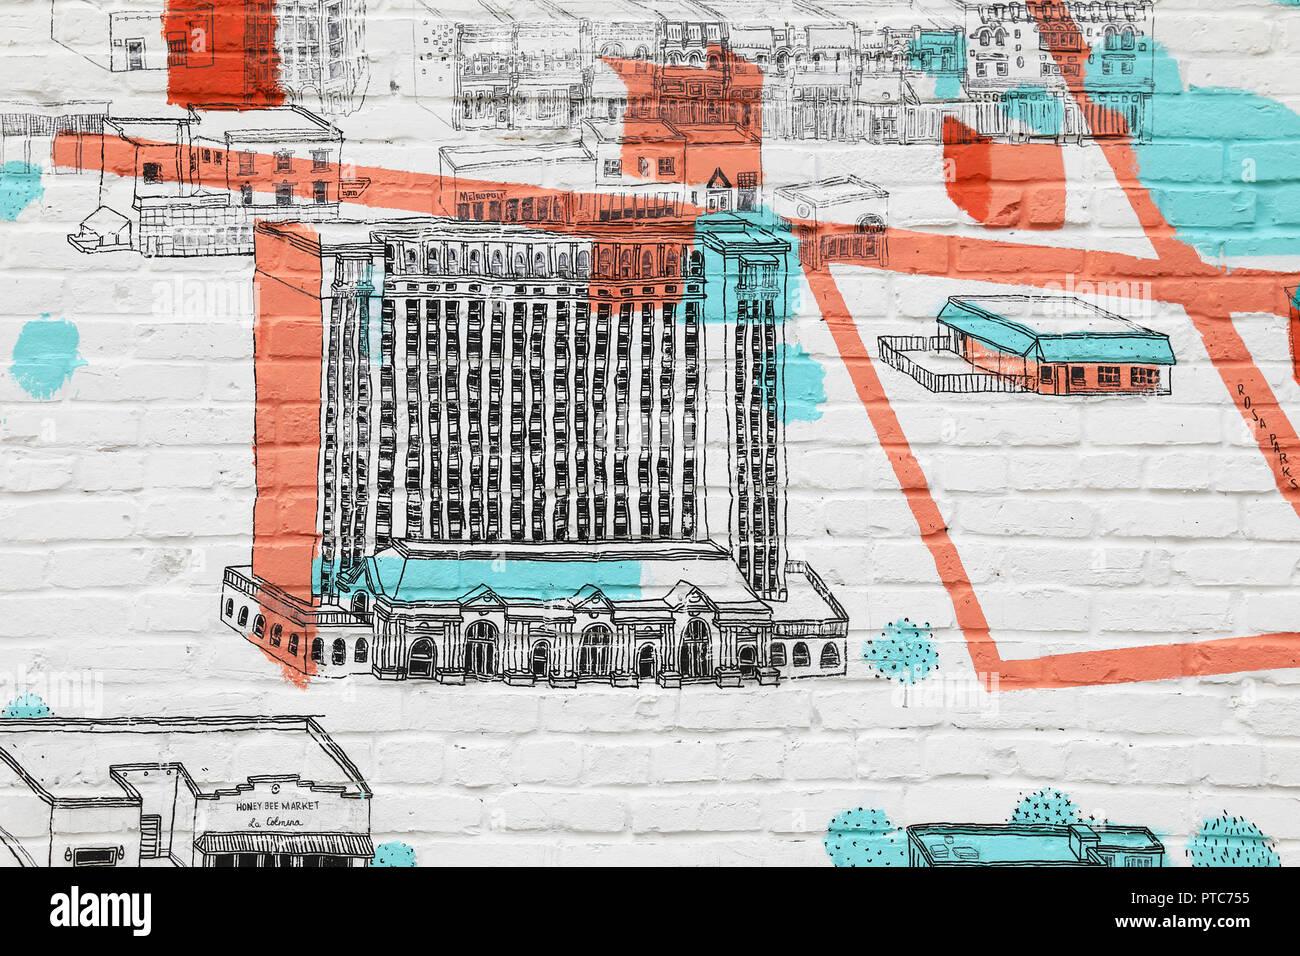 Darstellung der historischen Michigan Central Station, 1988 geschlossen, nun gekauft von der Ford Motor Company, die zur Restaurierung, in Corktown, Michigan, USA Stockbild